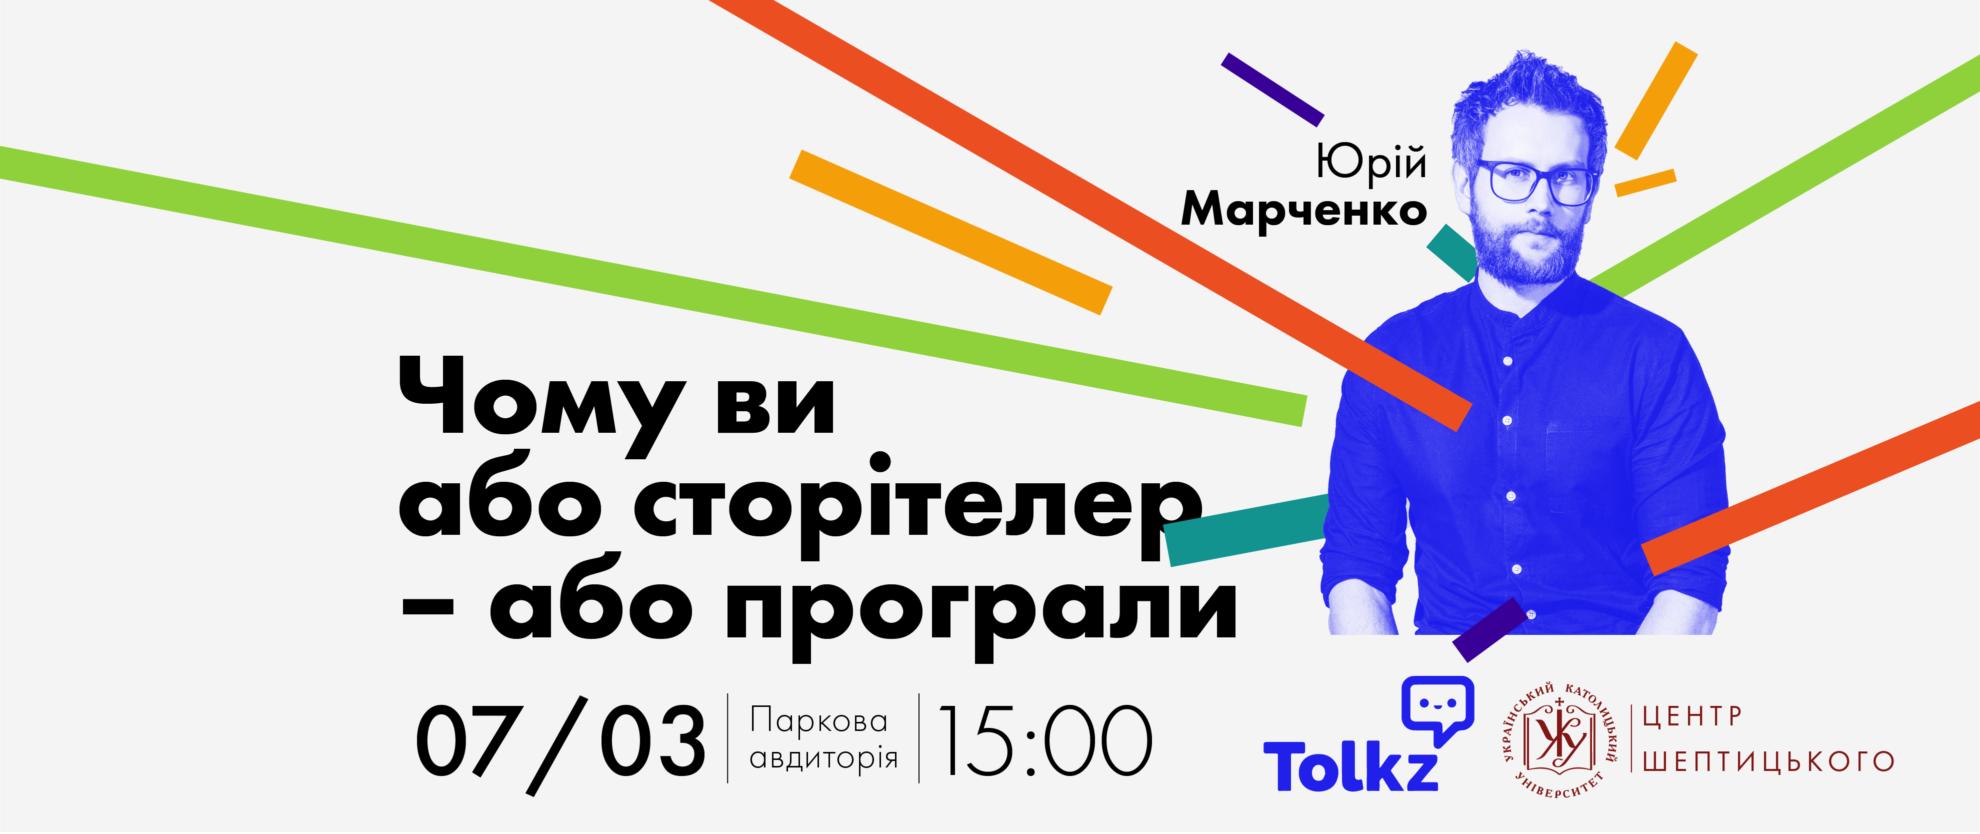 """Юрій Марченко """"Чому ви або сторітелер – або програли"""""""